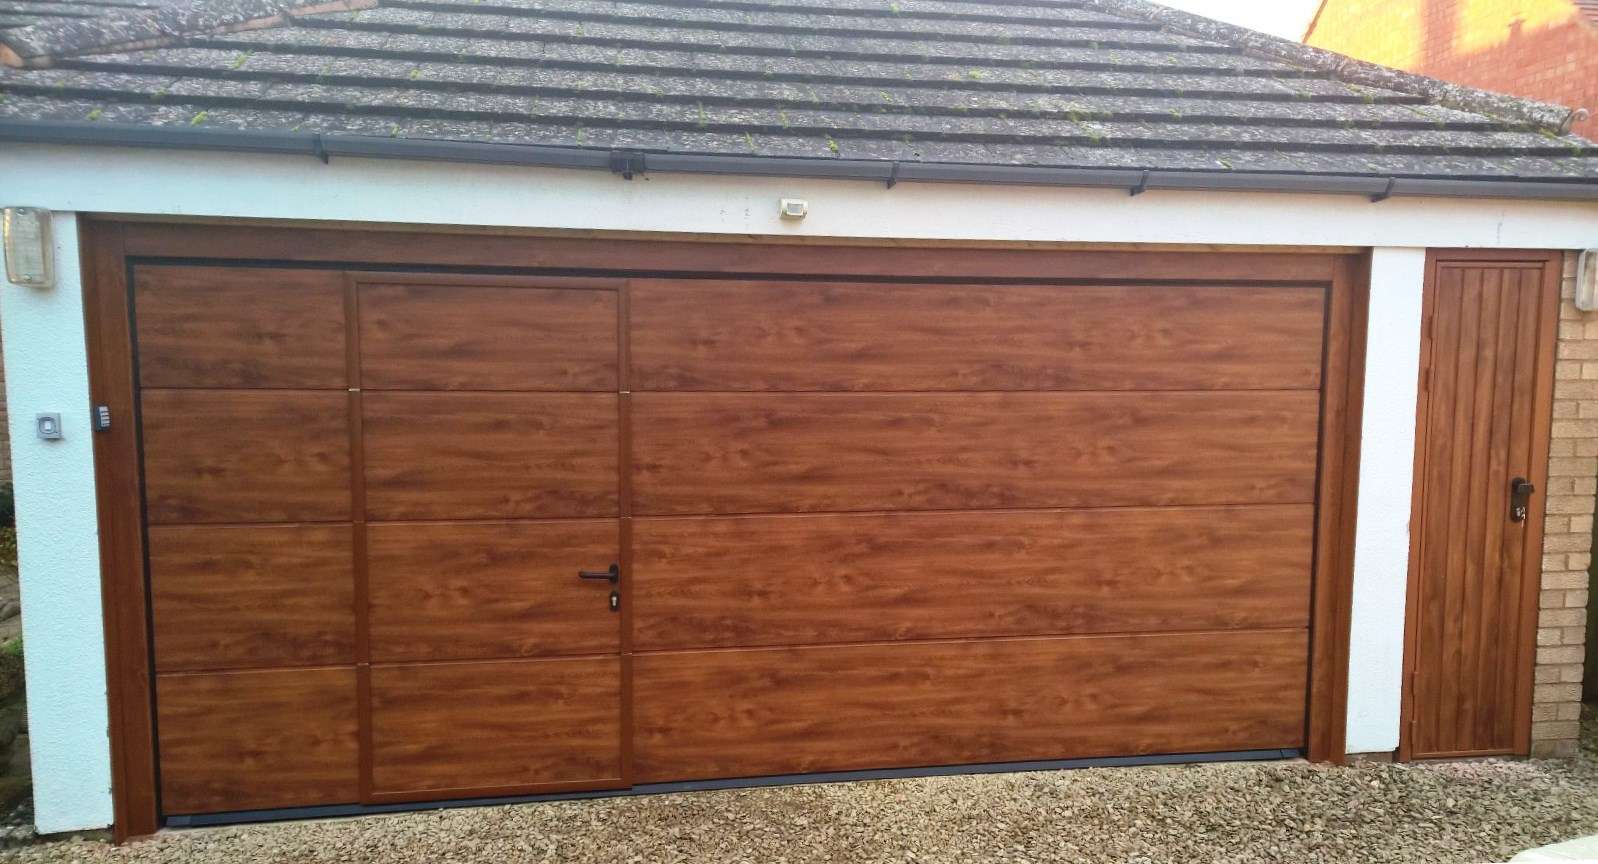 Sectional garage door project in warwickshire elite gd after wicket door rubansaba